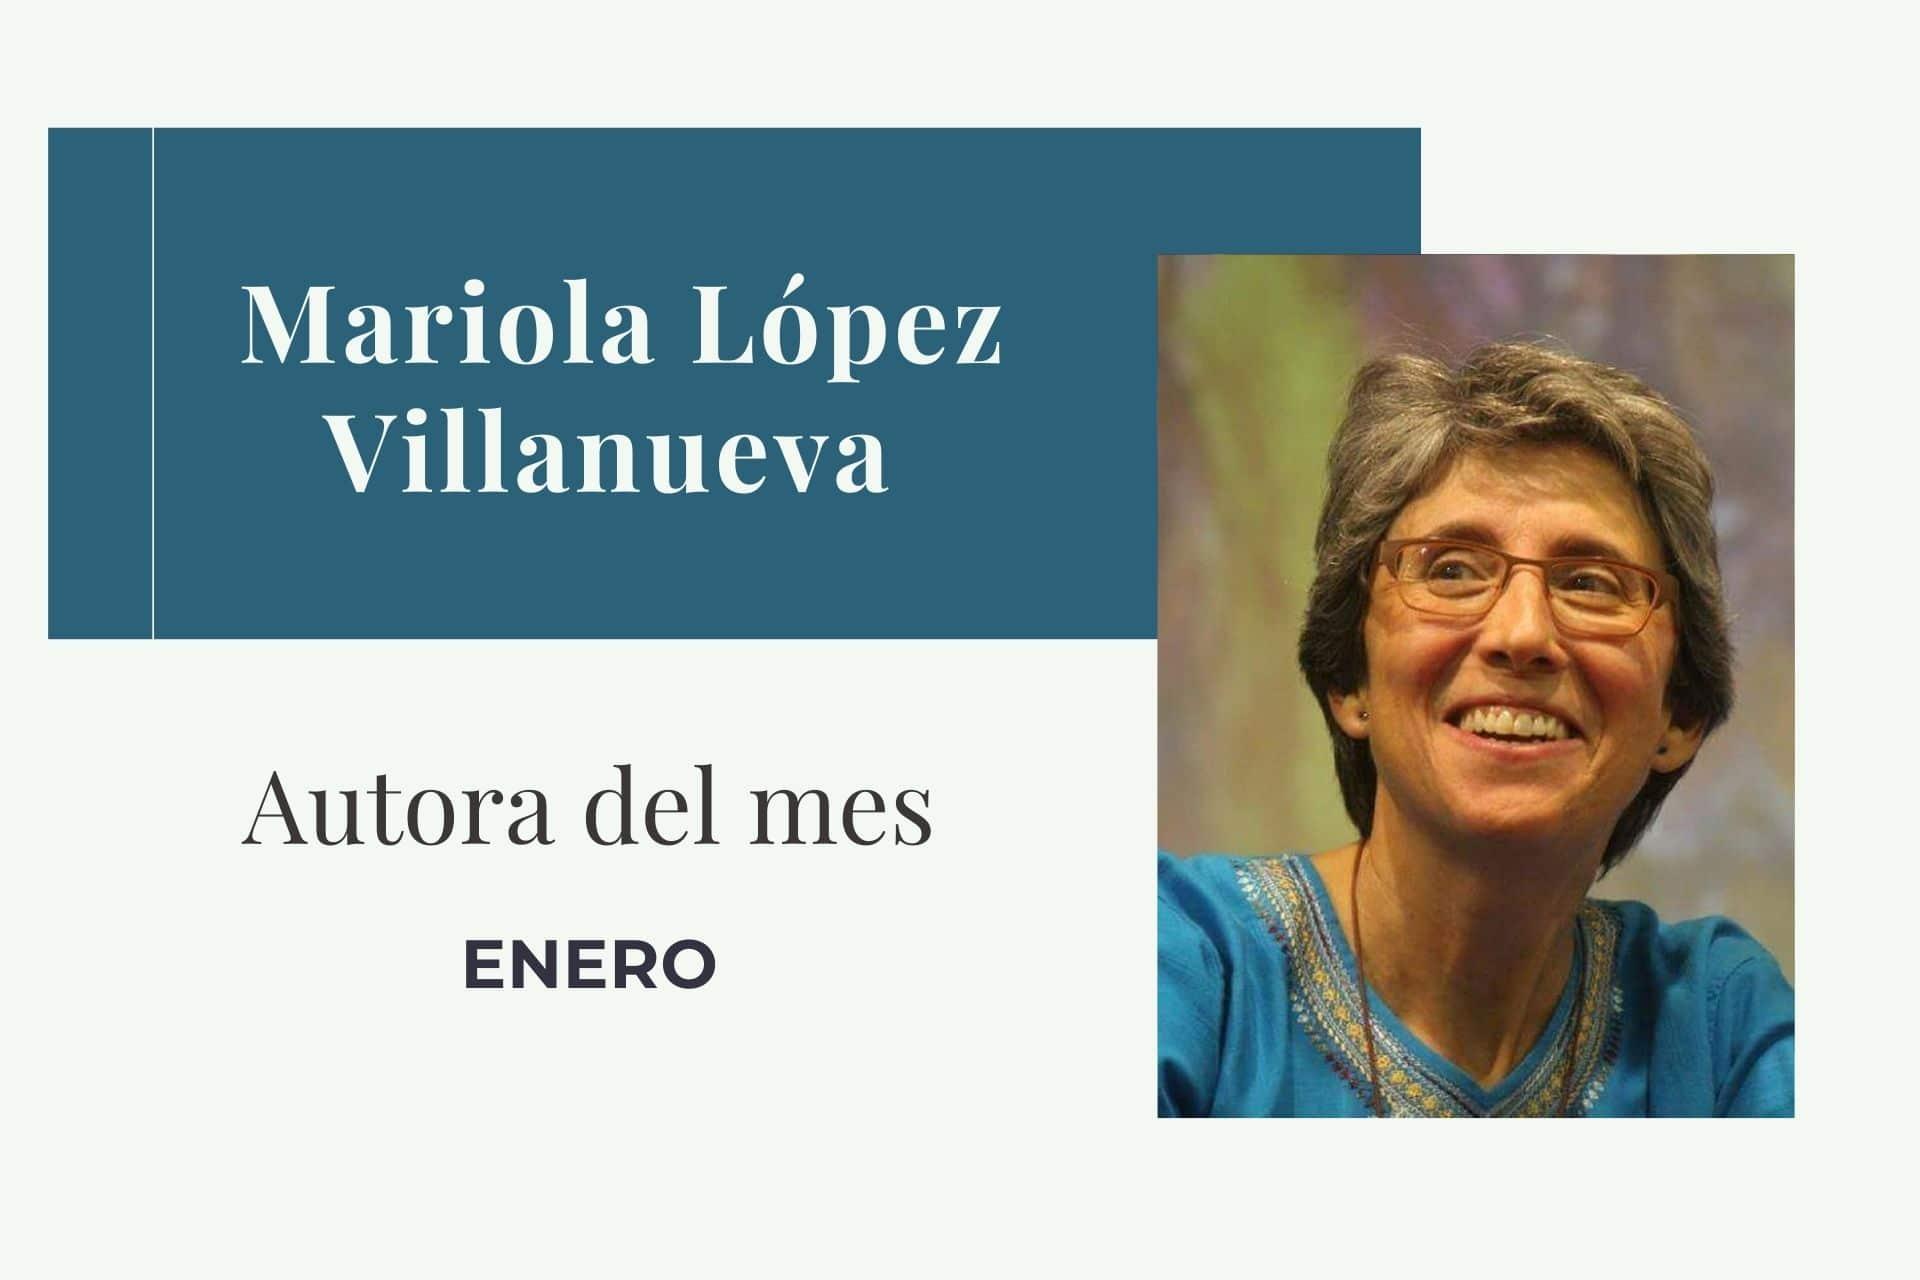 Cabecera Mariola López Villanueva